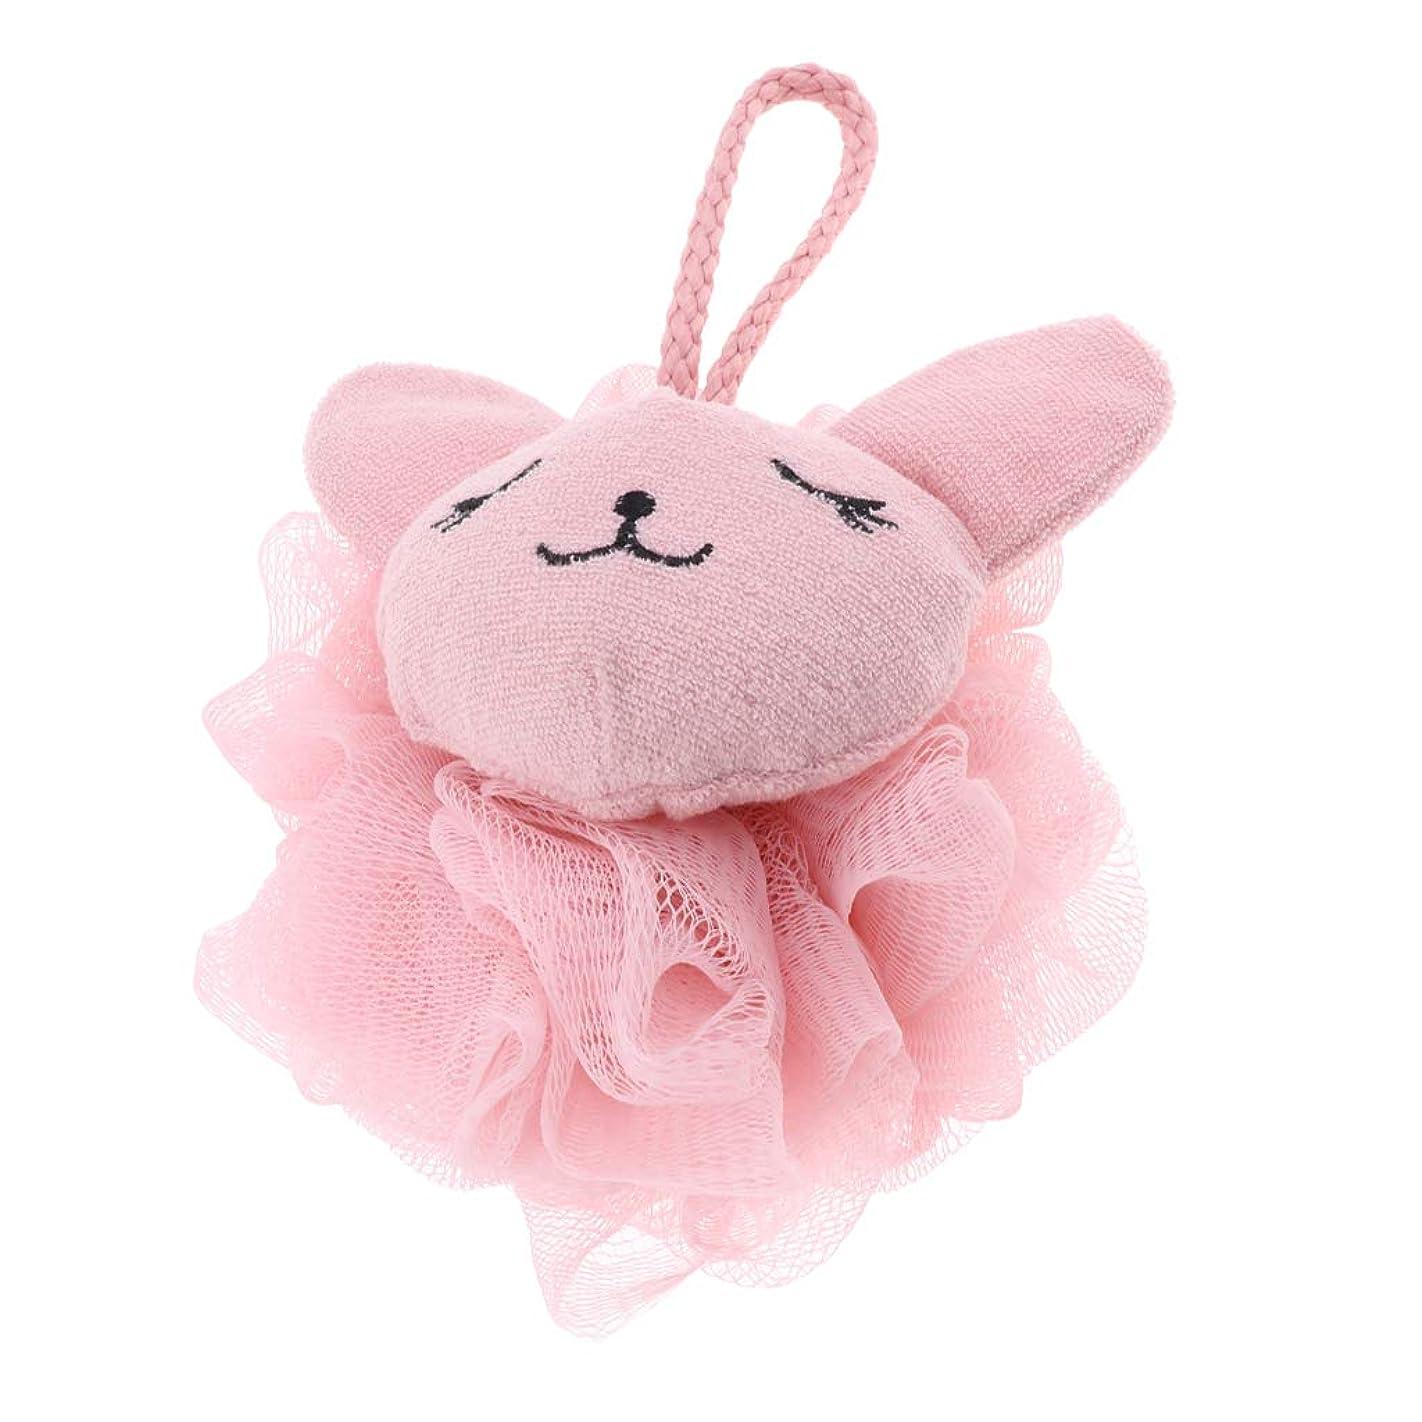 沼地献身旋律的CUTICATE シャワーボール ボディスポンジ 漫画 動物 お風呂 バスグッズ 体洗い 柔らか 快適 全2色 - ピンク